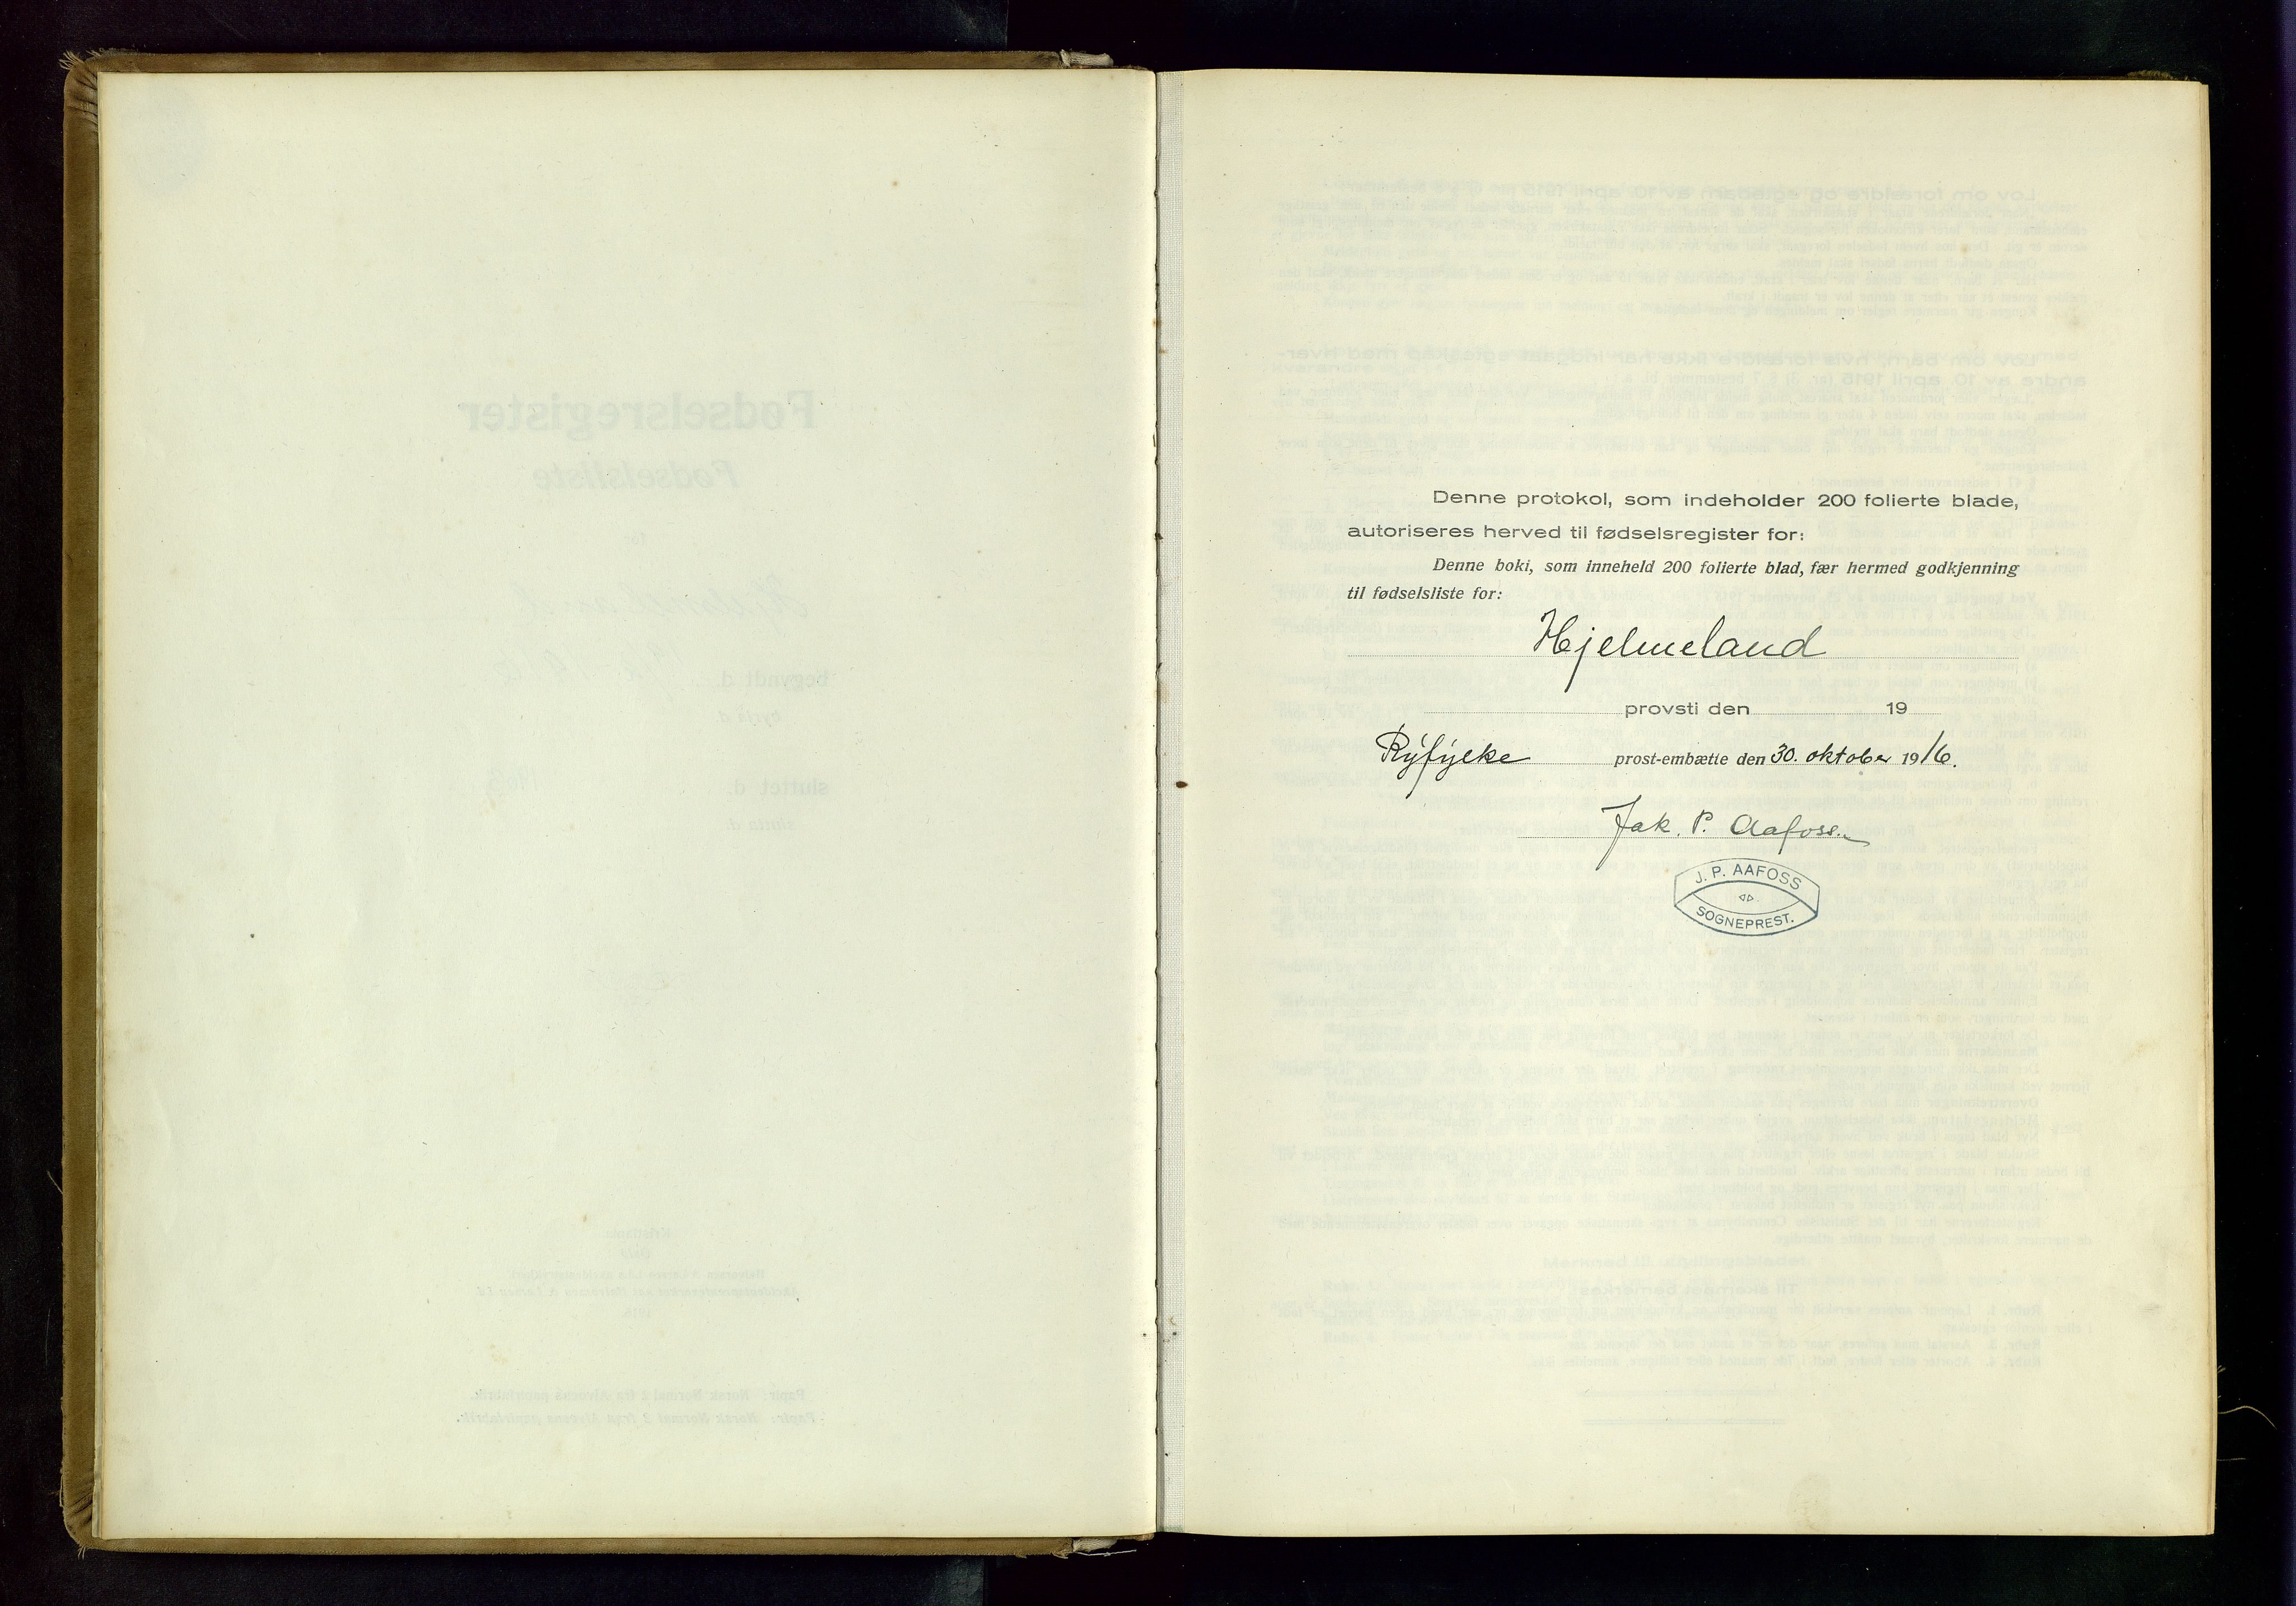 SAST, Hjelmeland sokneprestkontor, B/L0001: Fødselsregister nr. 1, 1916-1963